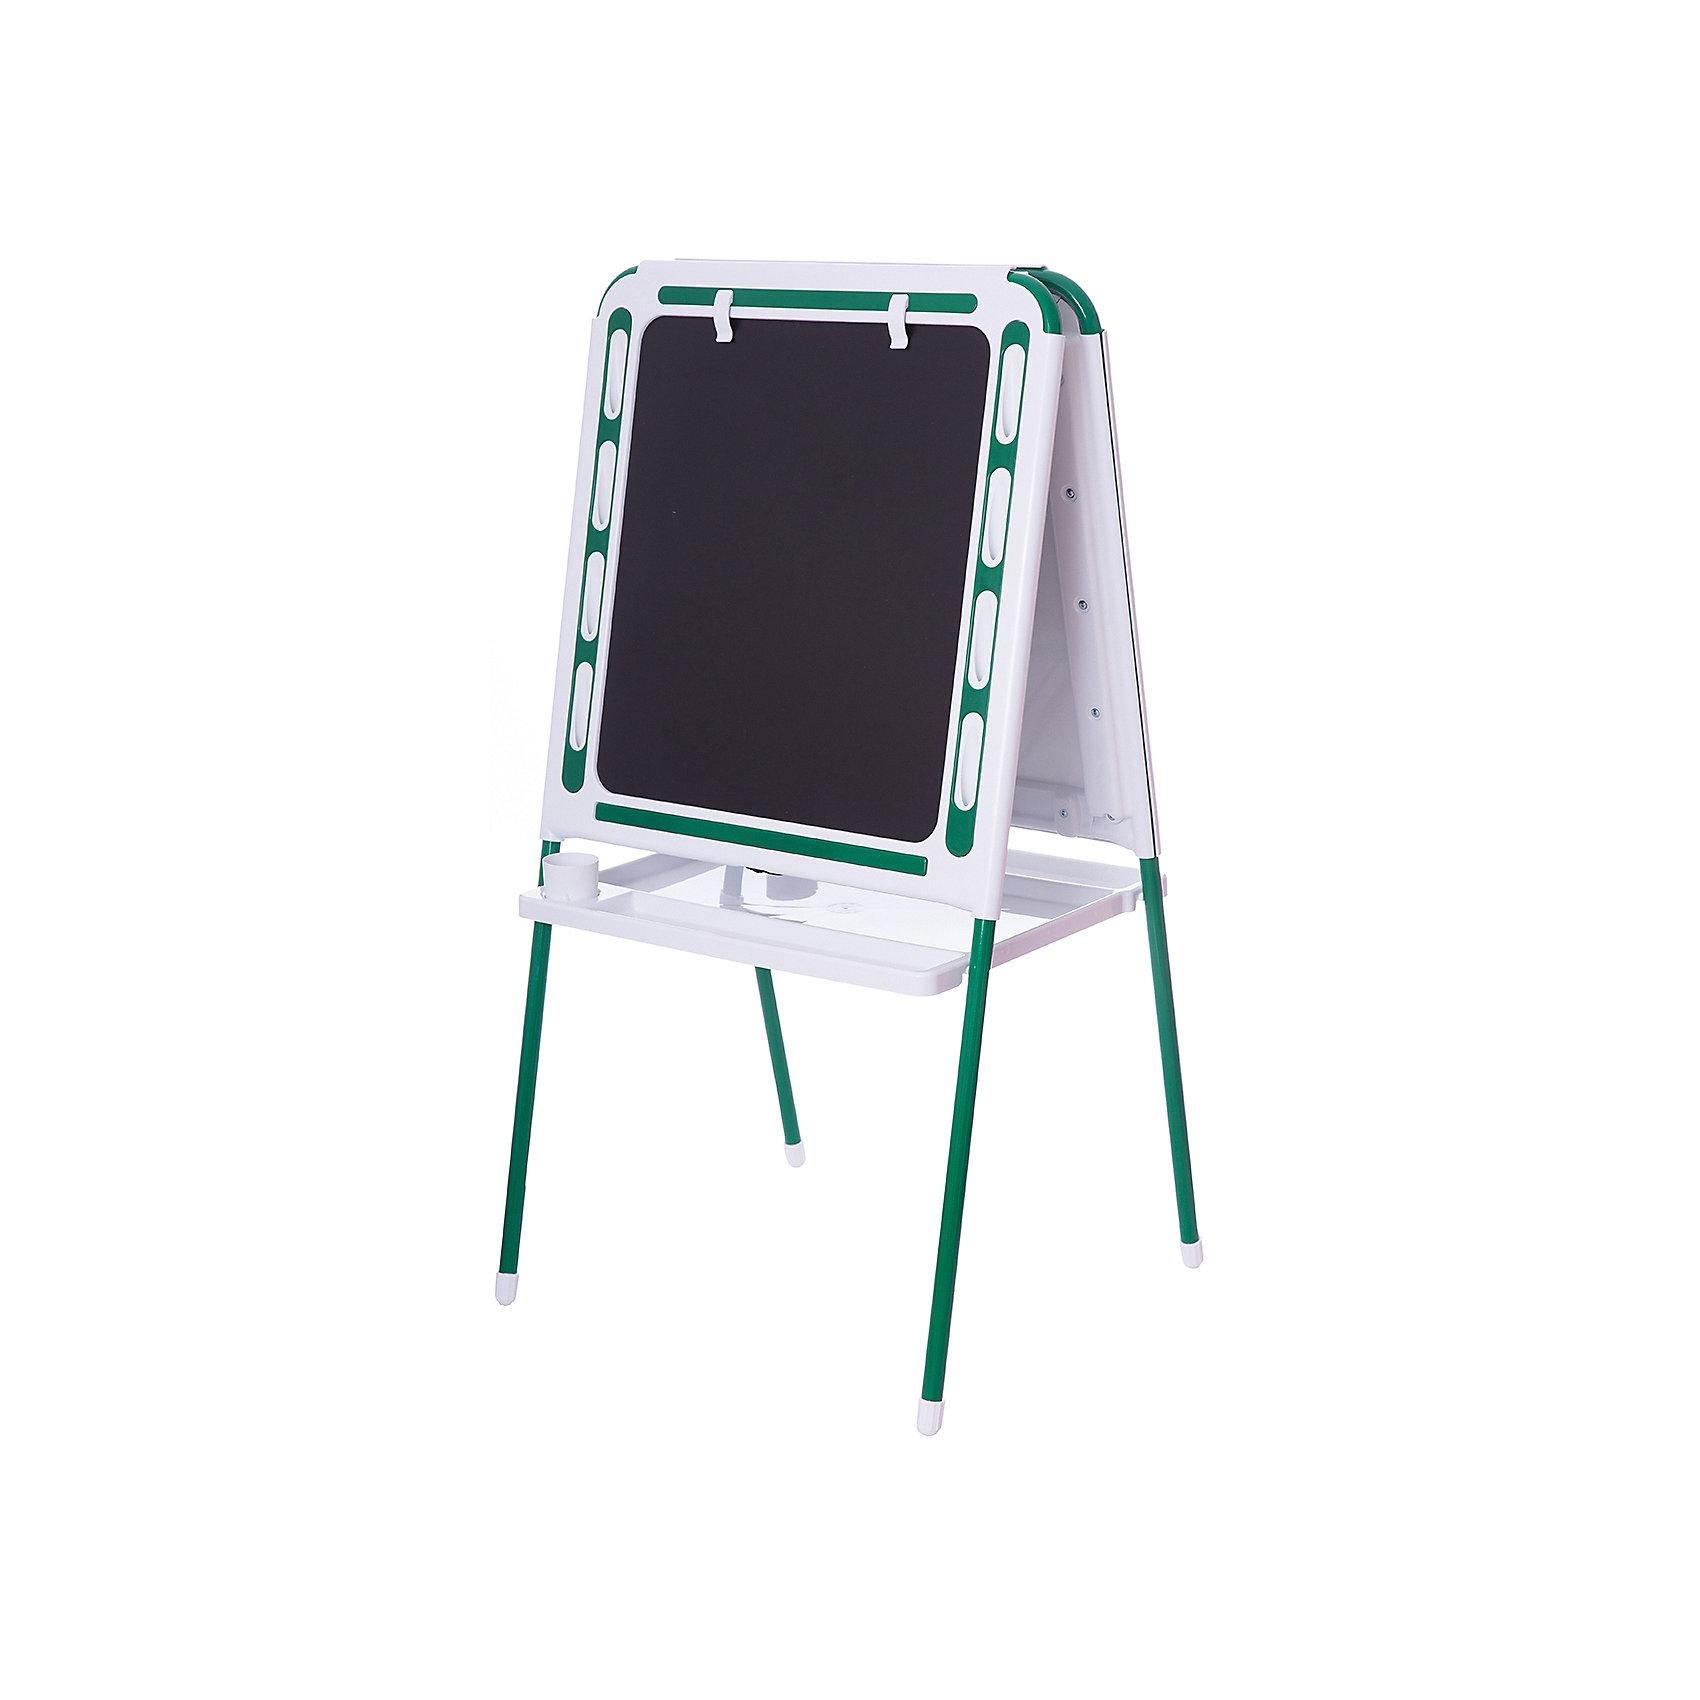 Зеленый мольбертДоски для рисования<br>Зеленый мольберт – это мольберт с двумя рабочими поверхностями, предназначенный для детского творчества и развития.<br>Современный, функциональный и очень удобный мольберт - это универсальный уголок для рисования и обучения у вас дома. Двойная доска устанавливается «домиком» прямо на пол и не требует дополнительных креплений. На металлических ножках – пластмассовые заглушки. Мольберт спроектирован особым образом: он может  использоваться двумя детьми одновременно. С обеих сторон мольберта есть удобные зажимы для бумаги. В комплект входят два стаканчика для рисования, большая полка для альбомов и красок. Мольберт подходит для работы красками, мелом, карандашами и маркерами. Юный художник по достоинству оценит удобные пазы-подставки для канцелярских принадлежностей, расположенные прямо на рамке мольберта, слева и справа от его рабочей поверхности. Углы мольберта скруглены для снижения травматичности ребенка.<br><br>Дополнительная информация:<br><br>- В комплекте: мольберт, два стаканчика для рисования, полка<br>- Цвет: белый, зеленый<br>- Материал: пластик, металл<br>- Размер: 100,5х48 см.<br>- Размер упаковки: 112х55х70 см.<br>- Вес: 14,2 кг.<br><br>Зеленый мольберт можно купить в нашем интернет-магазине.<br><br>Ширина мм: 1220<br>Глубина мм: 650<br>Высота мм: 110<br>Вес г: 14200<br>Возраст от месяцев: -2147483648<br>Возраст до месяцев: 2147483647<br>Пол: Унисекс<br>Возраст: Детский<br>SKU: 4589685